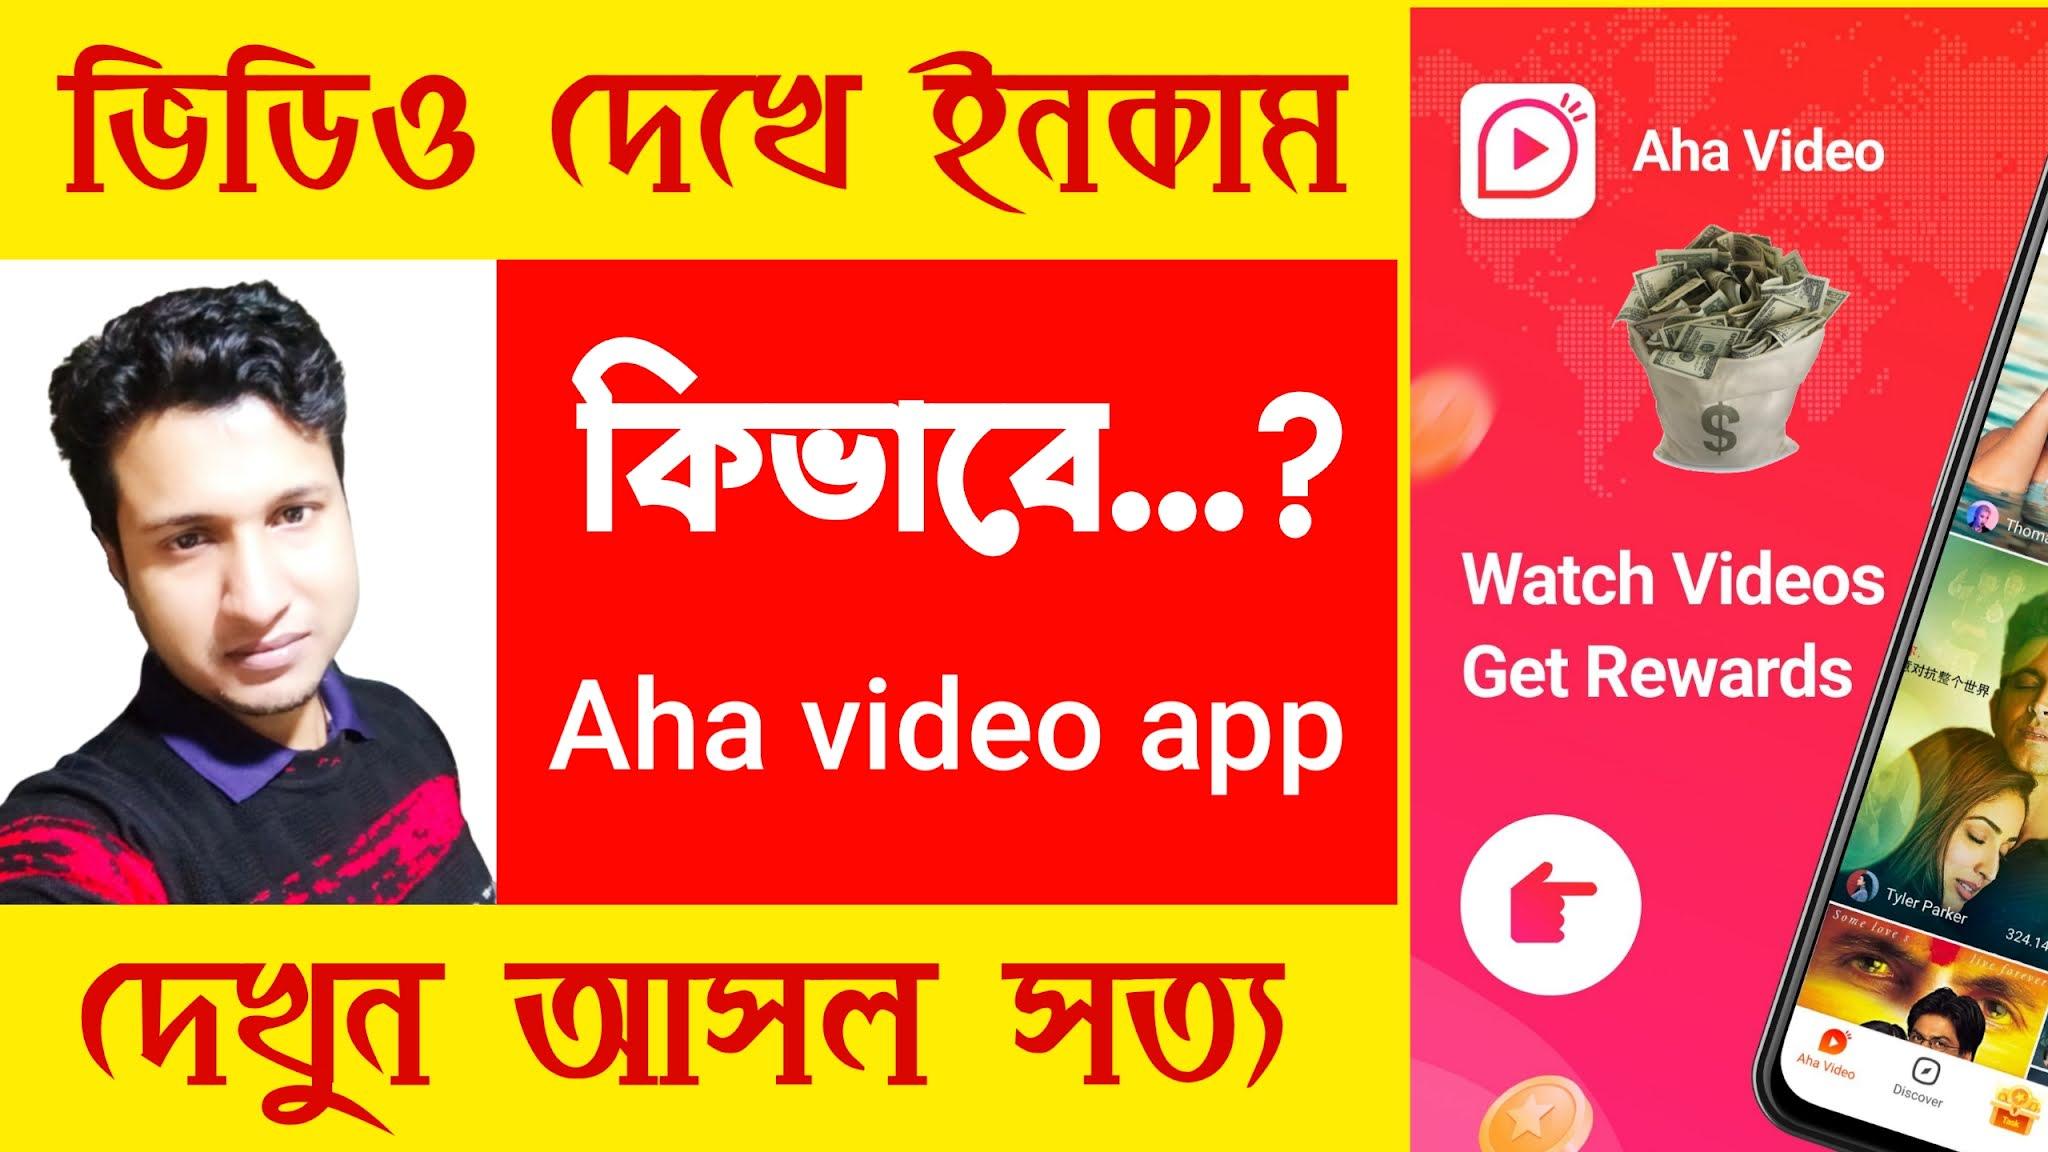 Aha video app    Make money online    Aha Video Earning App 2021